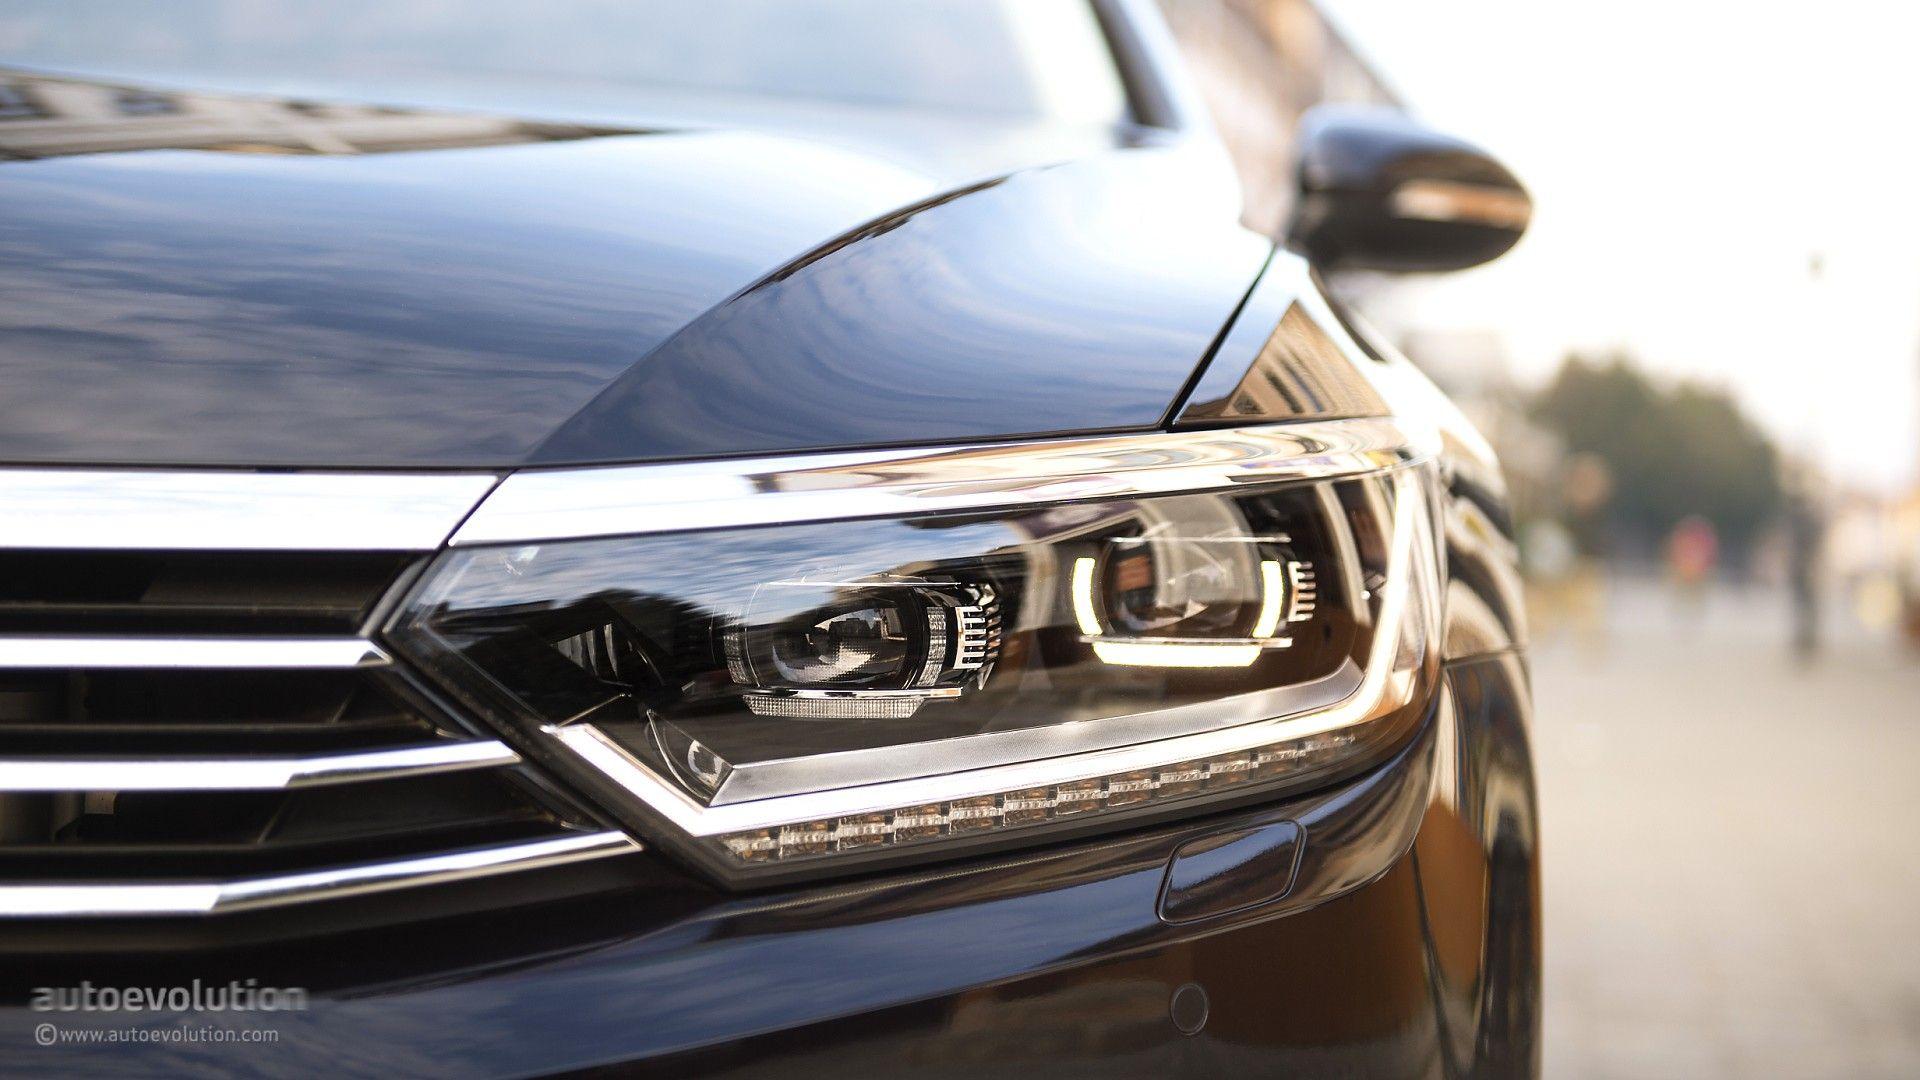 2015 volkswagen passat review http www autoevolution com reviews volkswagenhtml